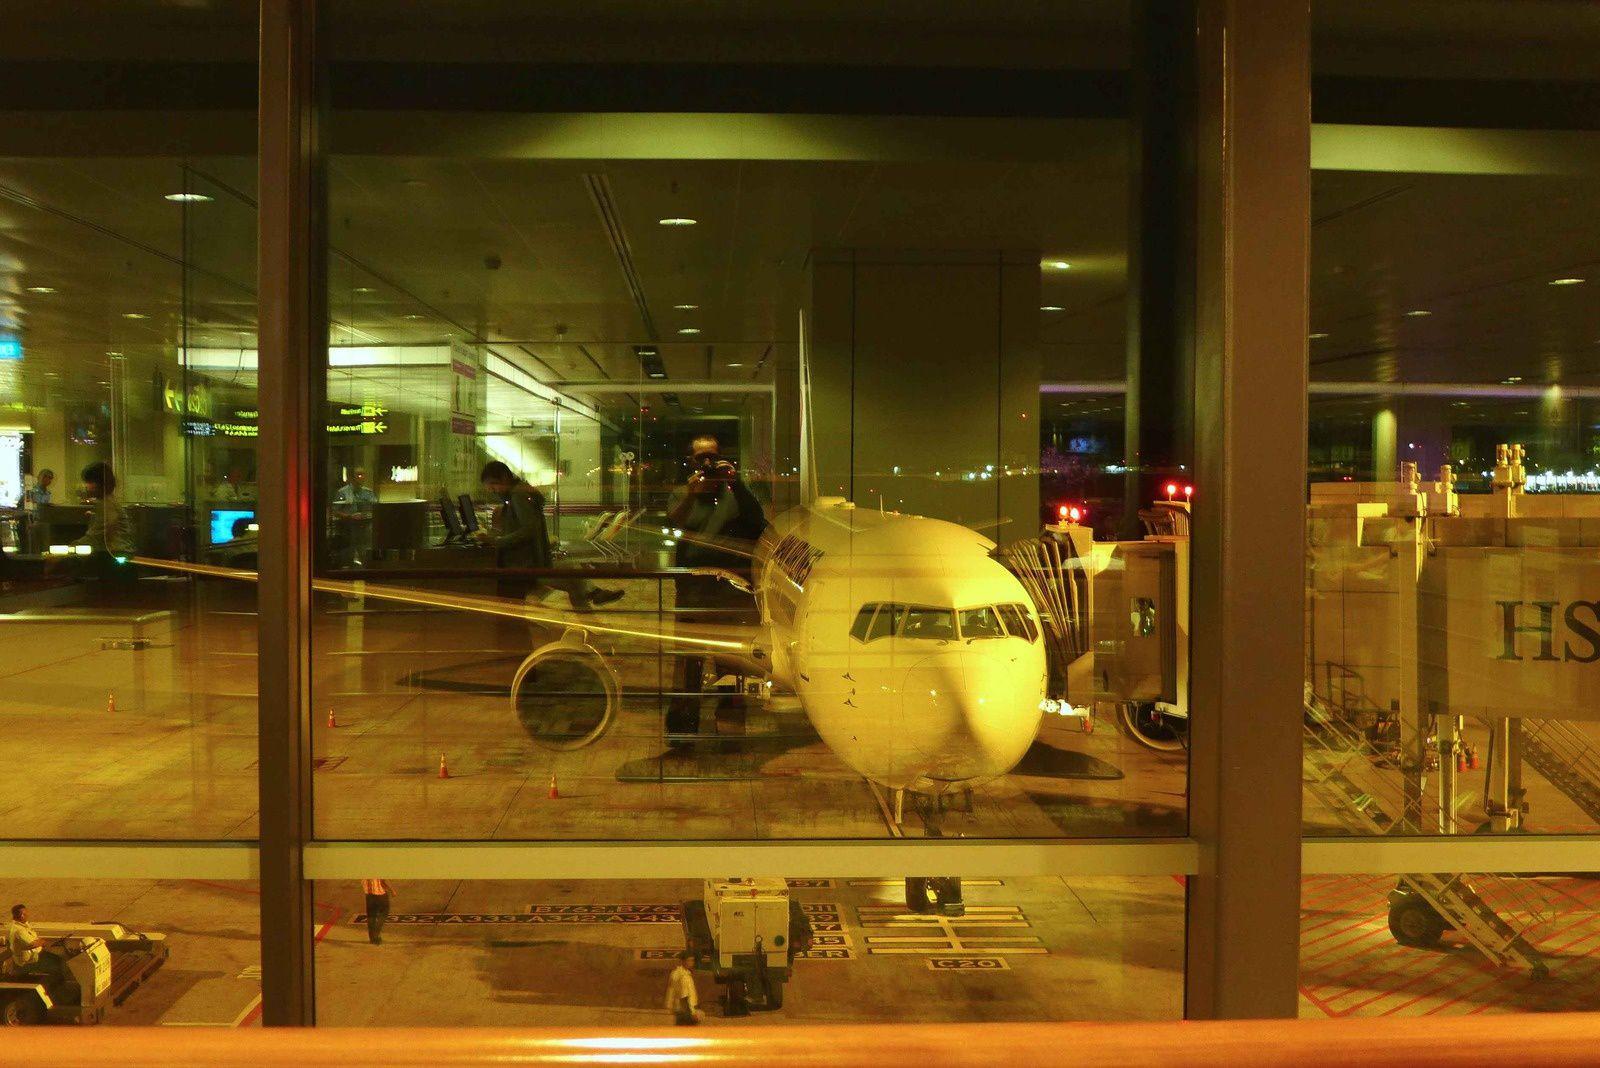 Notre avion et jd en reflet